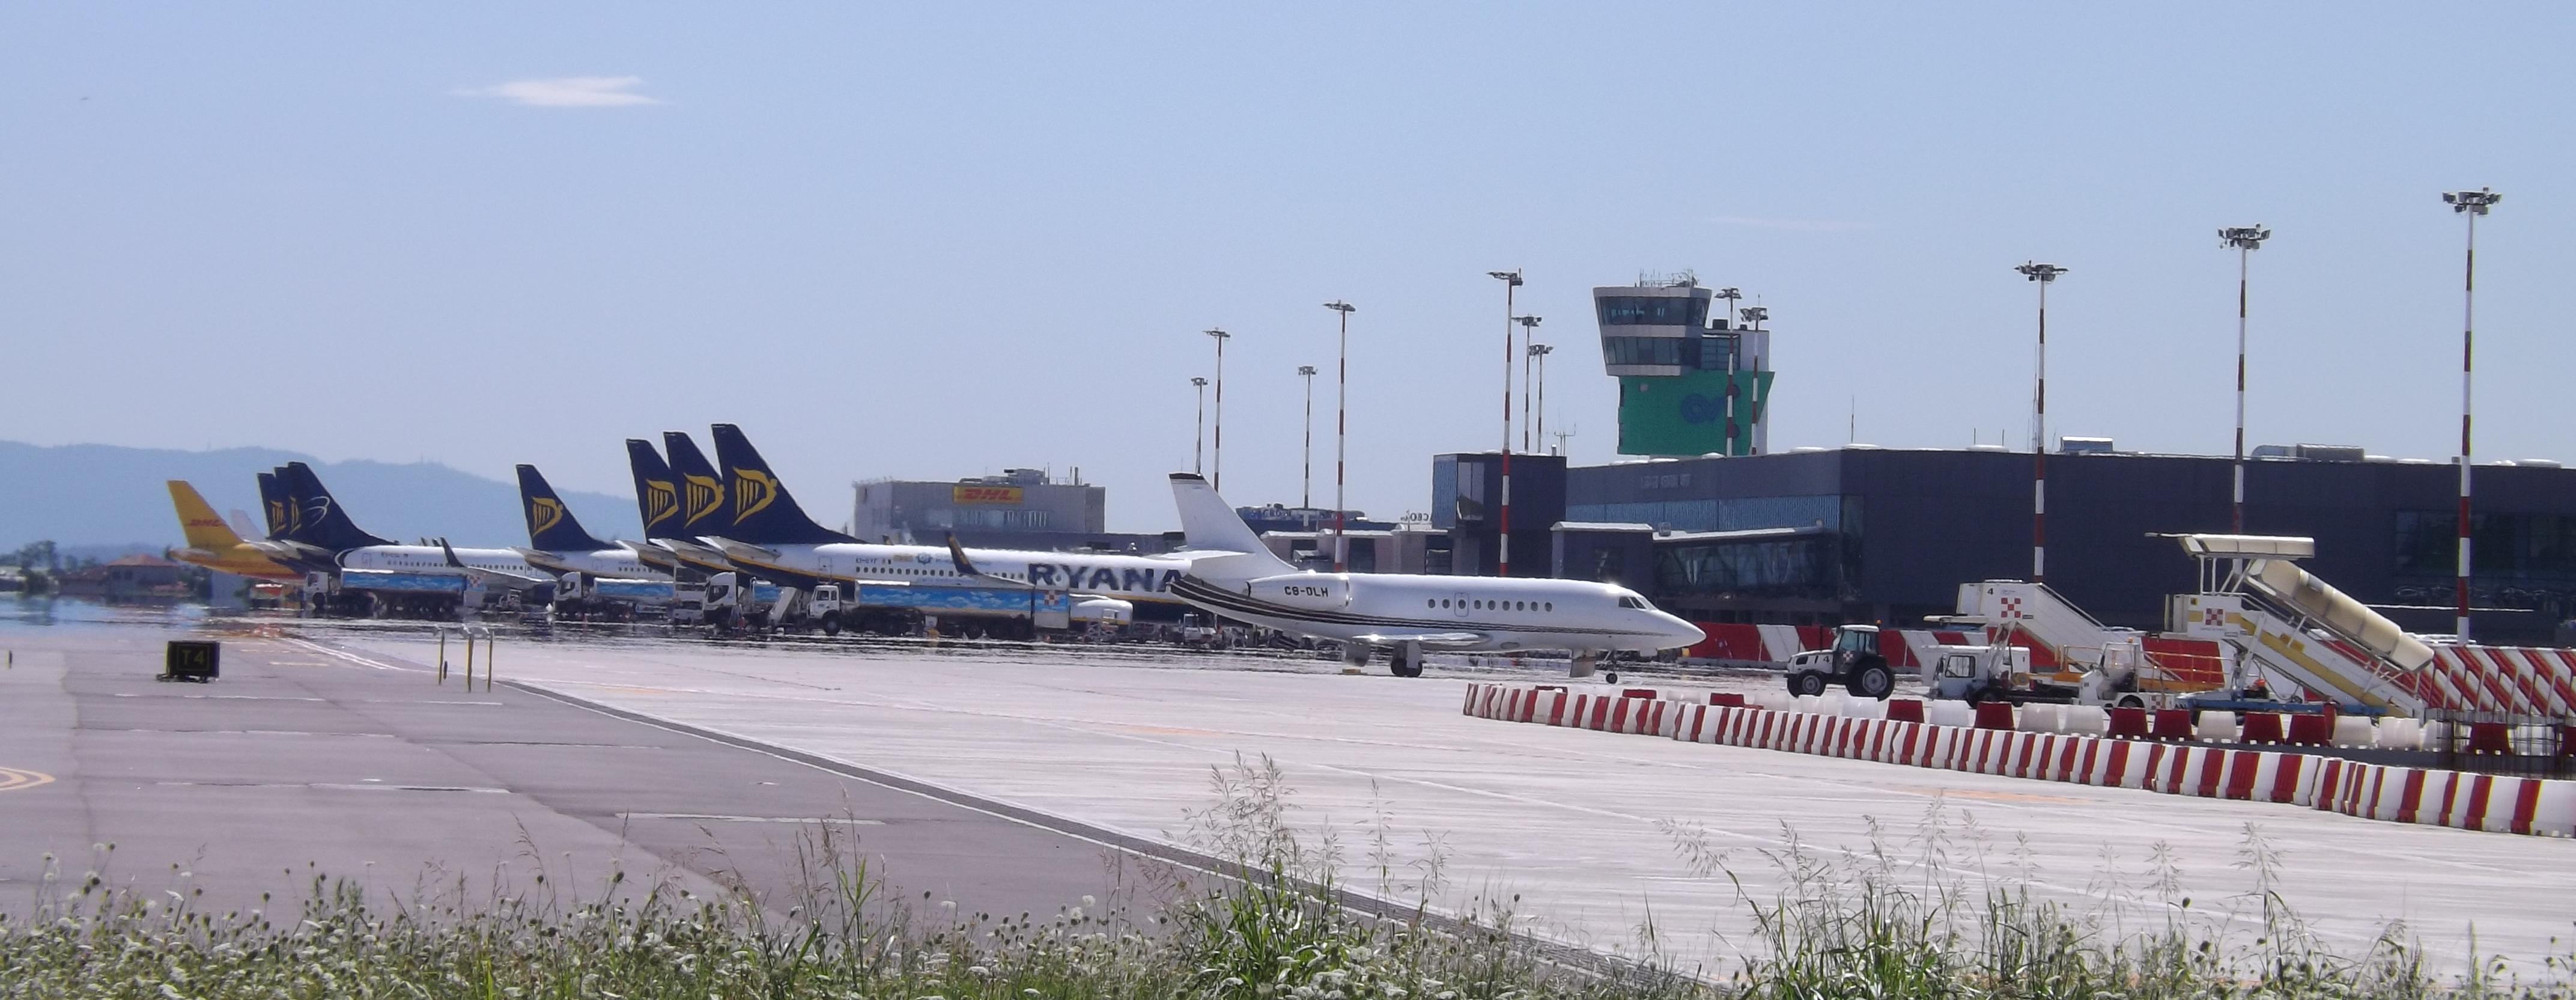 Aeroporto Orio : Cargo esce di pista e finisce in strada paura all aeroporto di